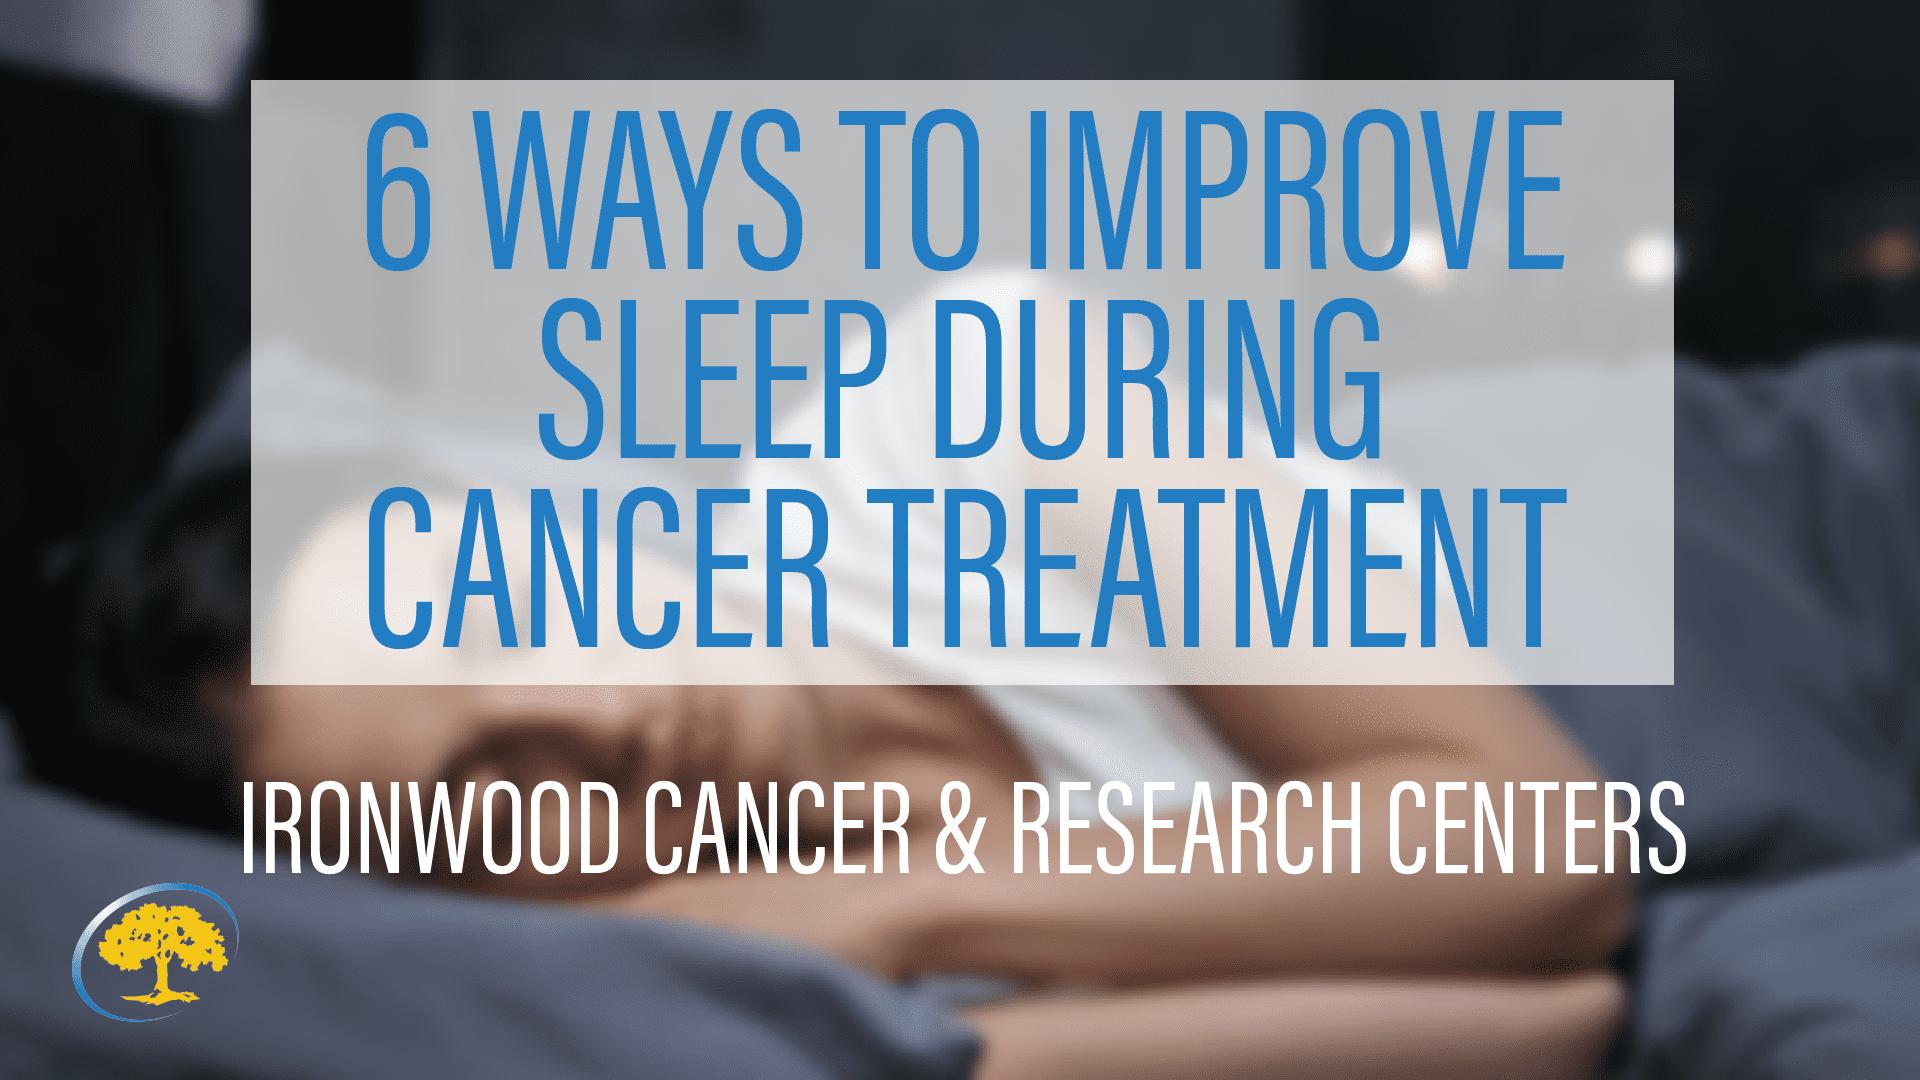 6 Ways Tom Improve Sleep